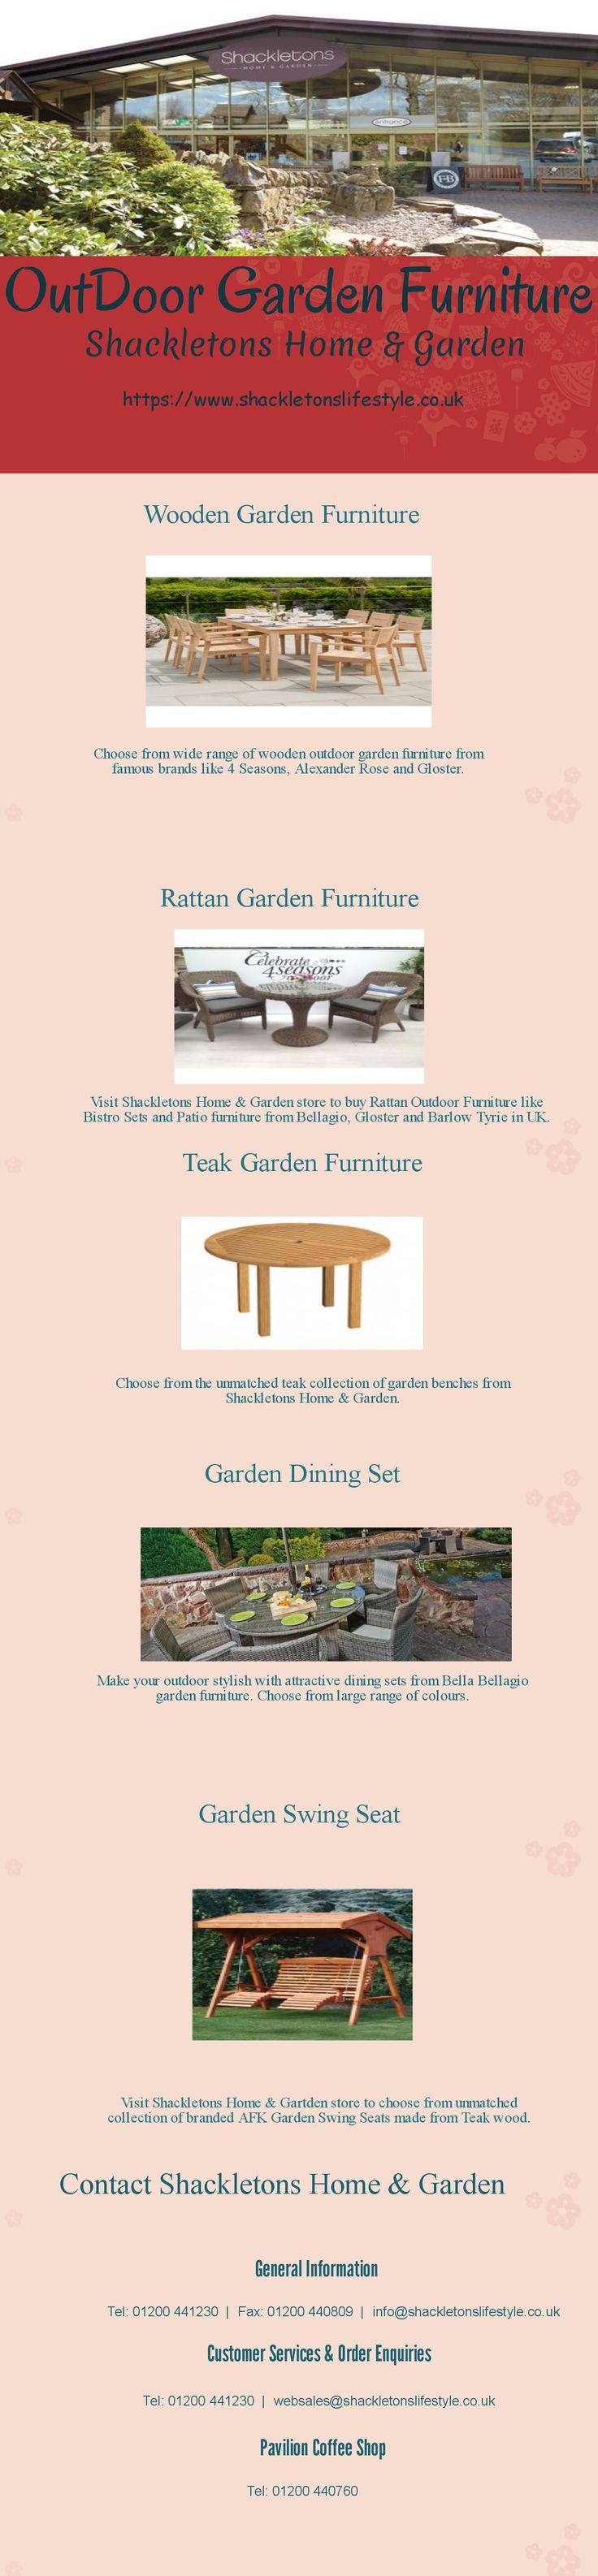 21 best Shackletons Home and Garden furniture images on Pinterest